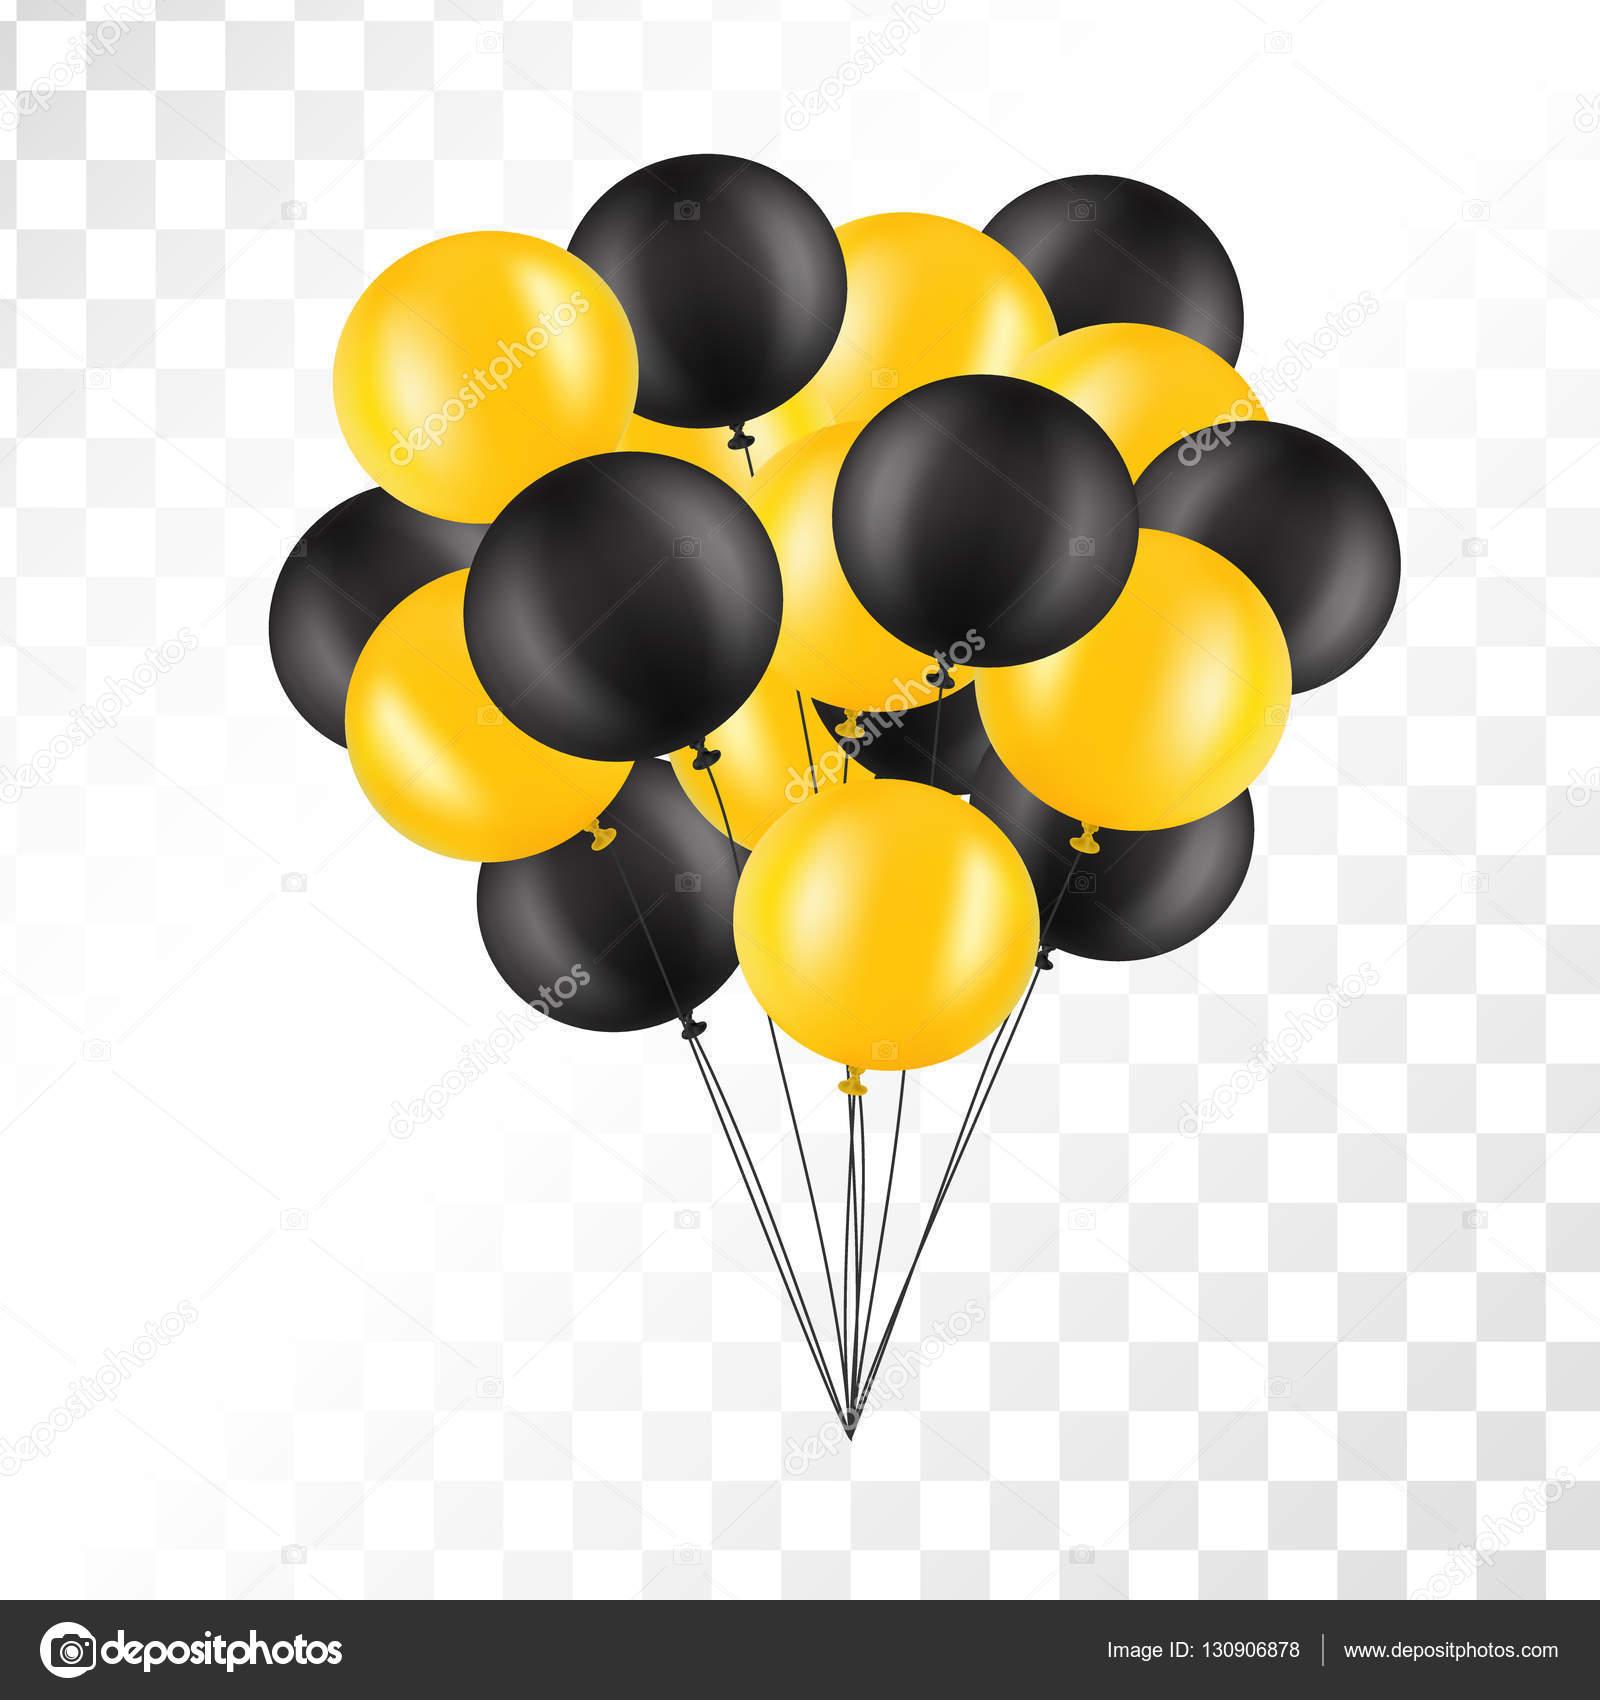 Palloncini su sfondo trasparente. Mazzo di aerostati isolato.